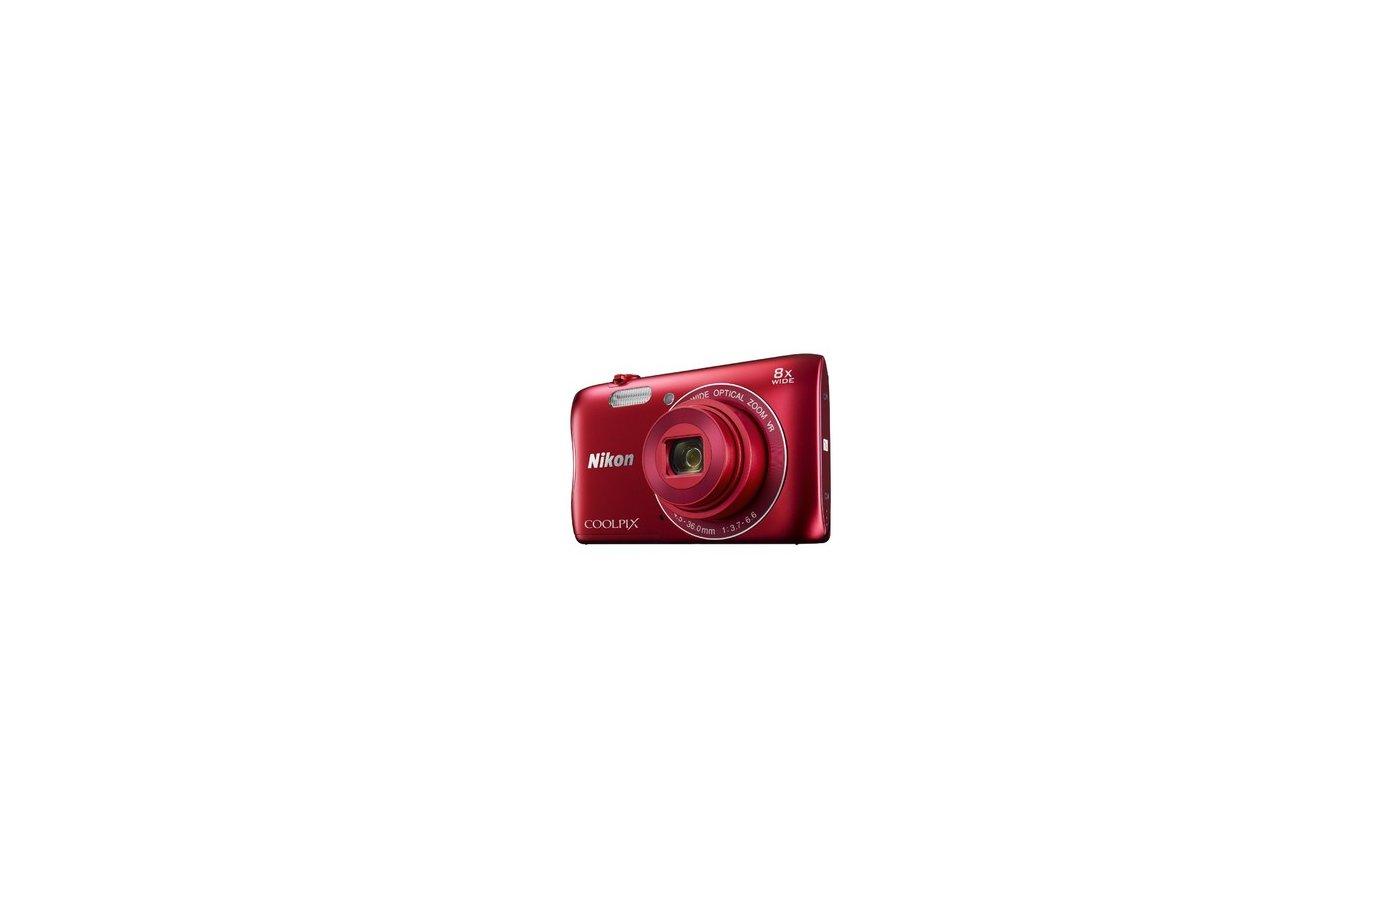 Фотоаппарат компактный Nikon Coolpix S3700 red